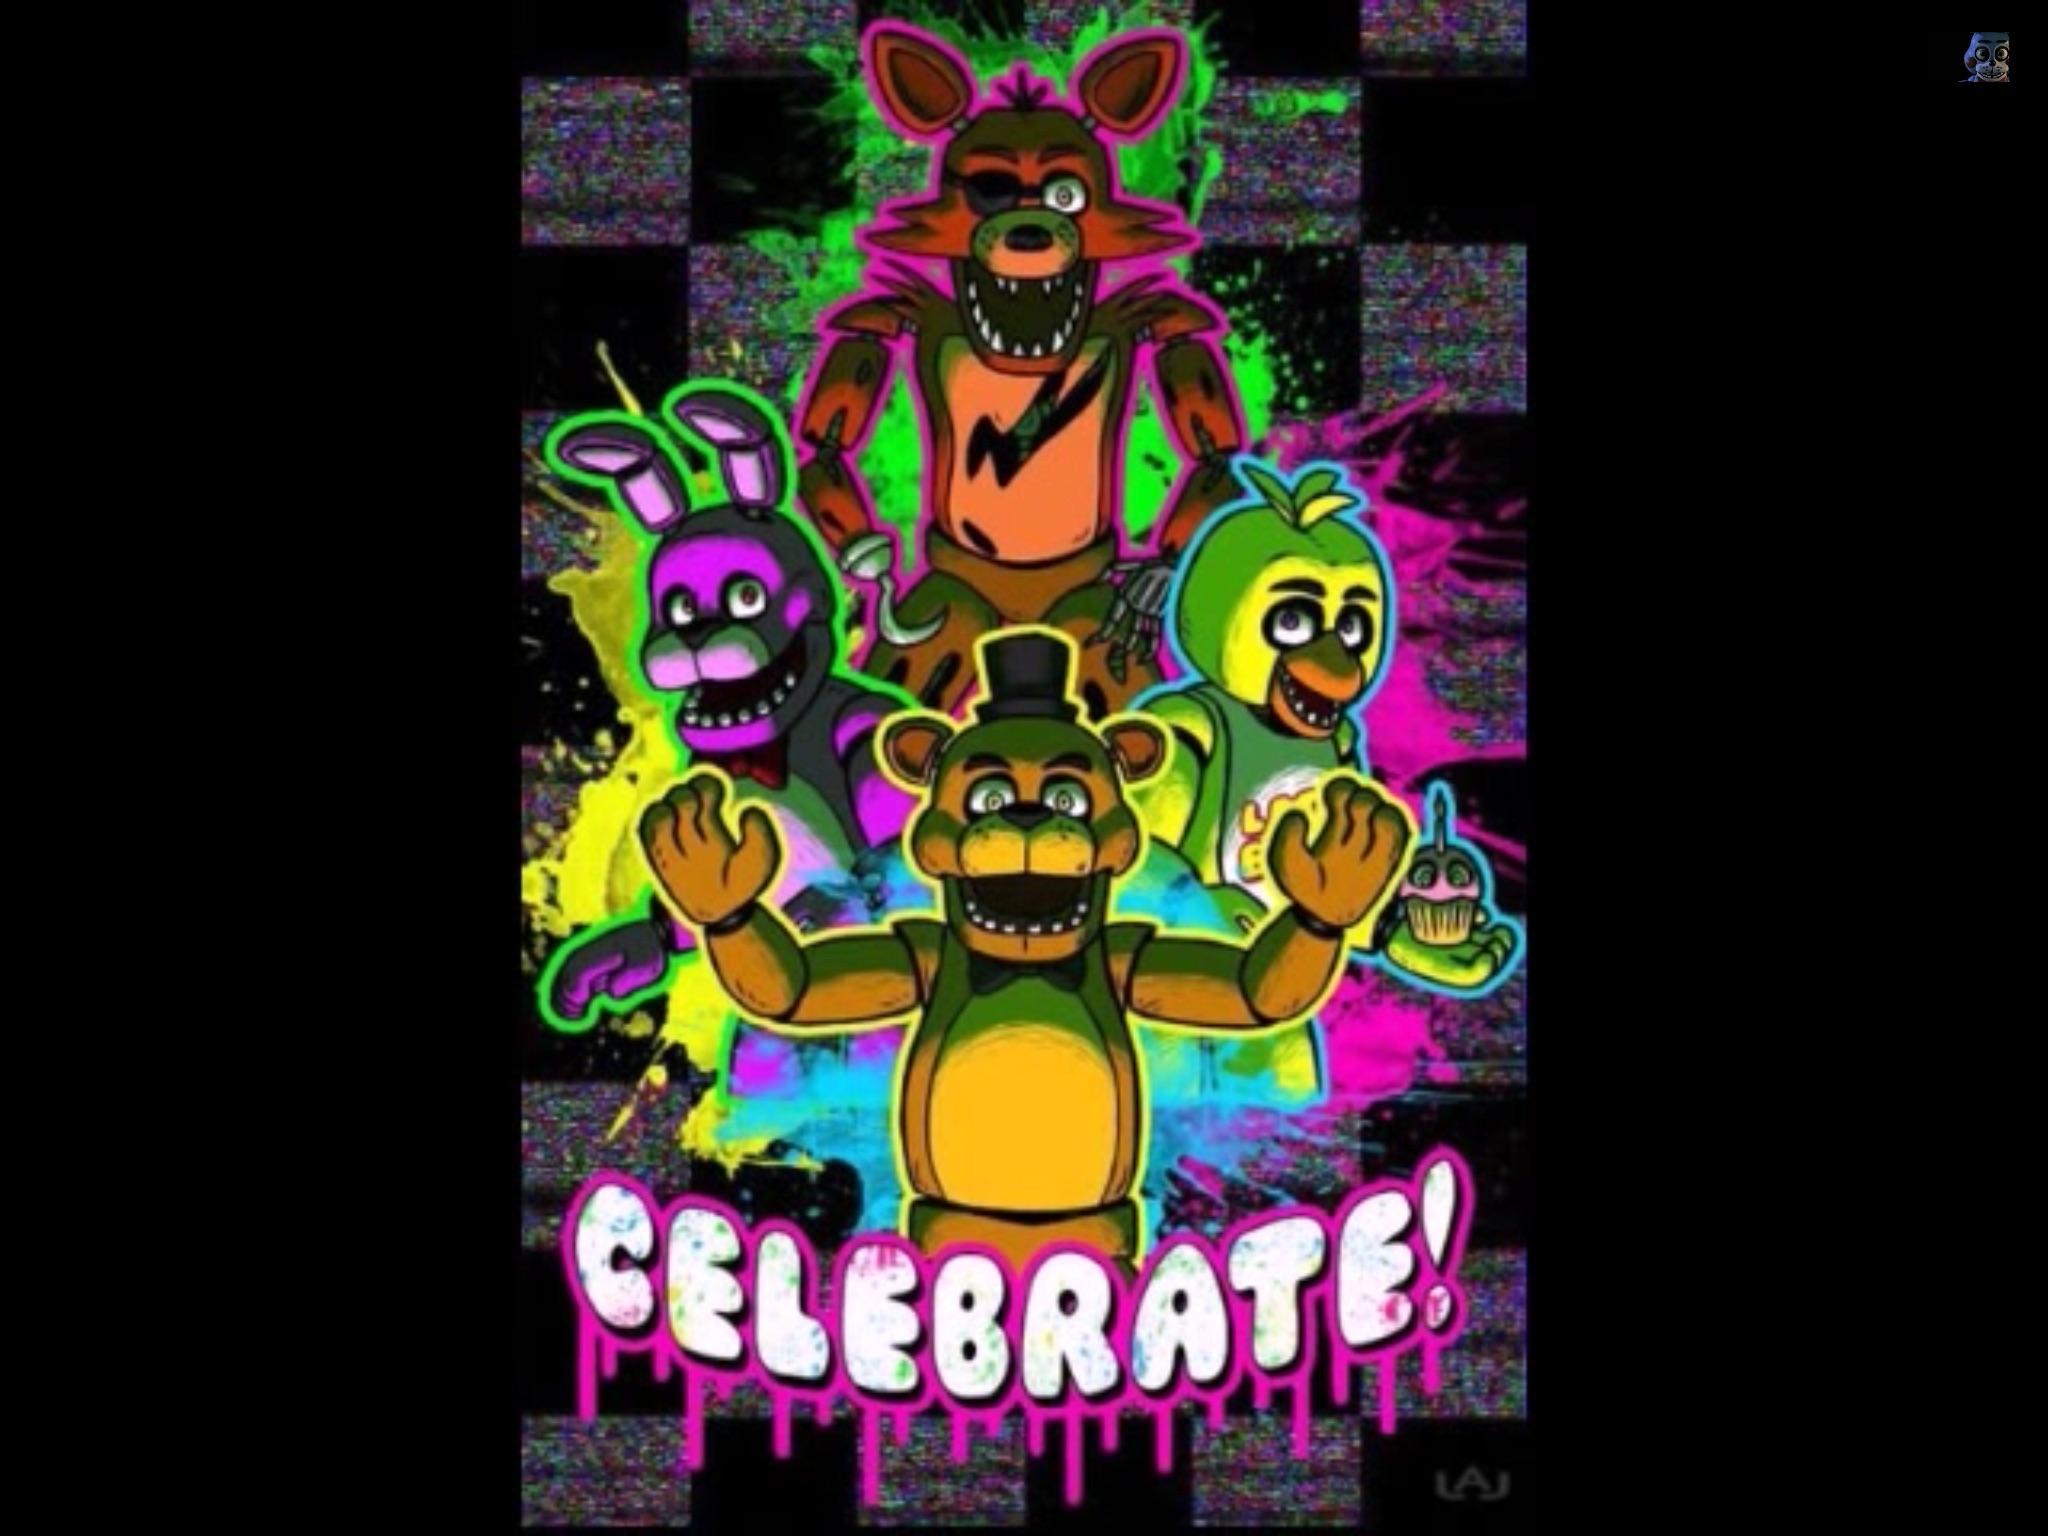 Let's celebrate.